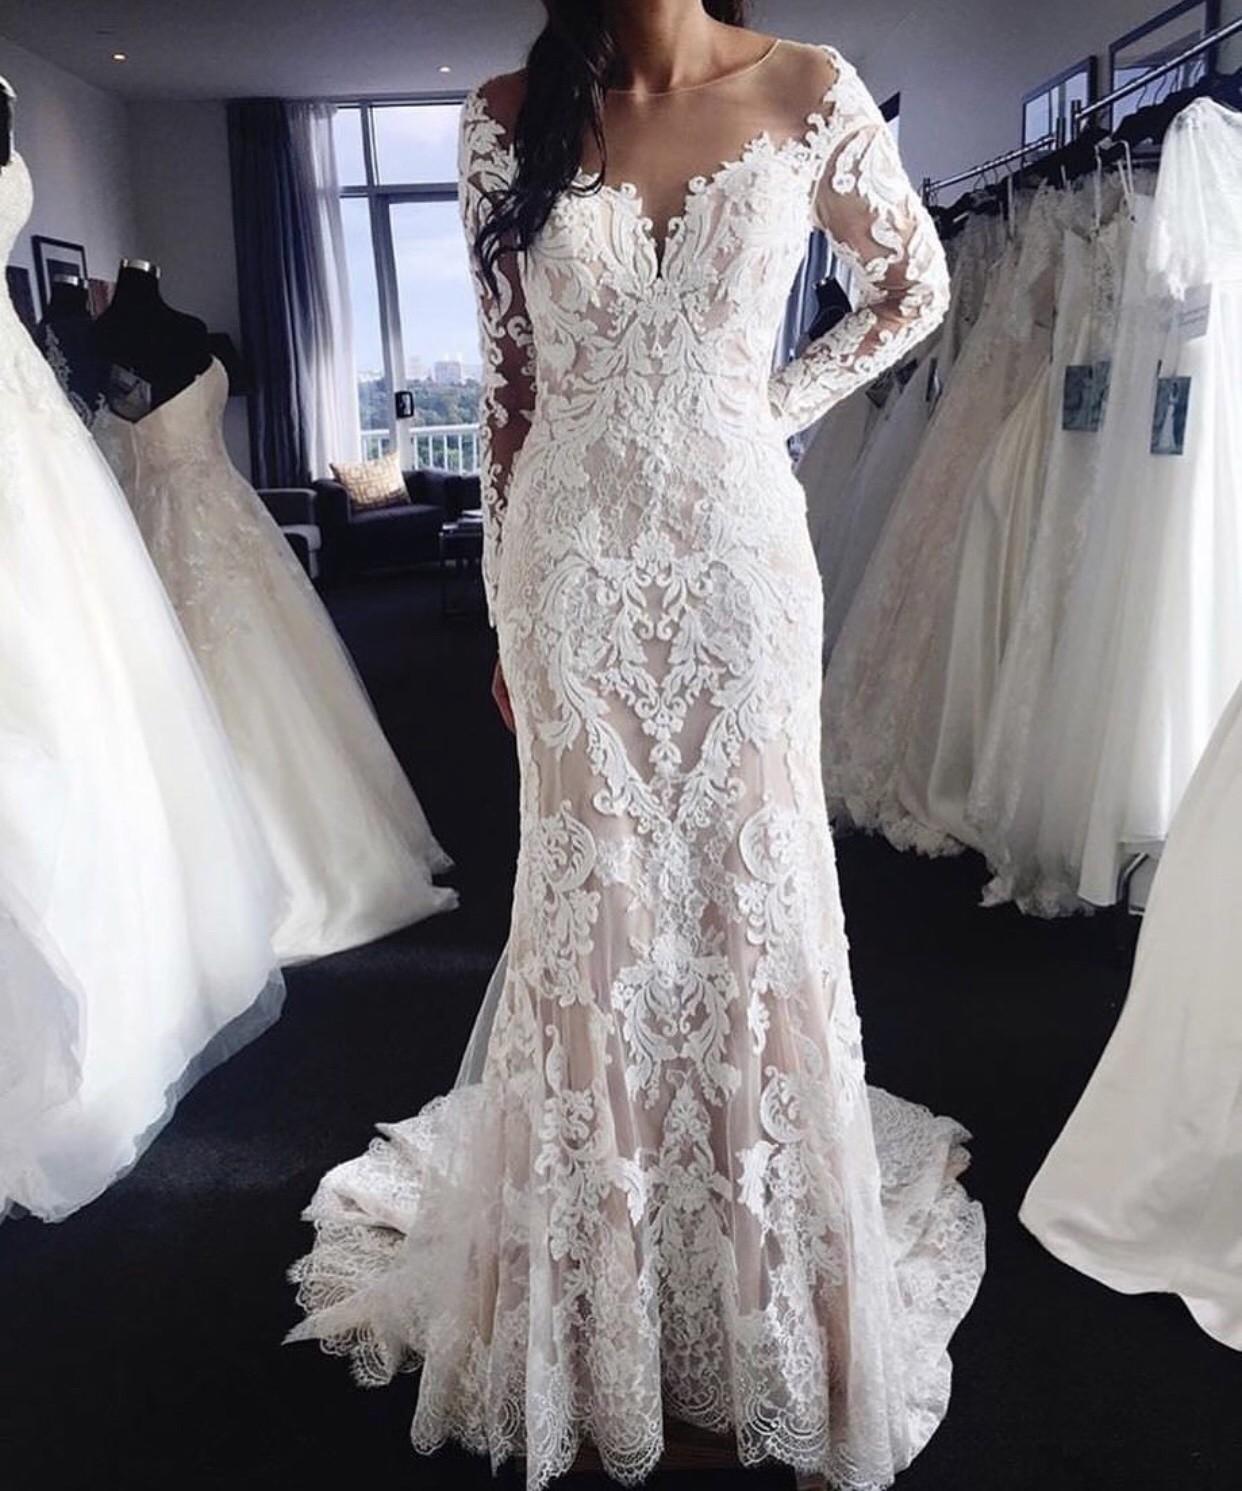 Dimitri Wedding Gowns: Demetrios 717 Used Wedding Dress On Sale 56% Off